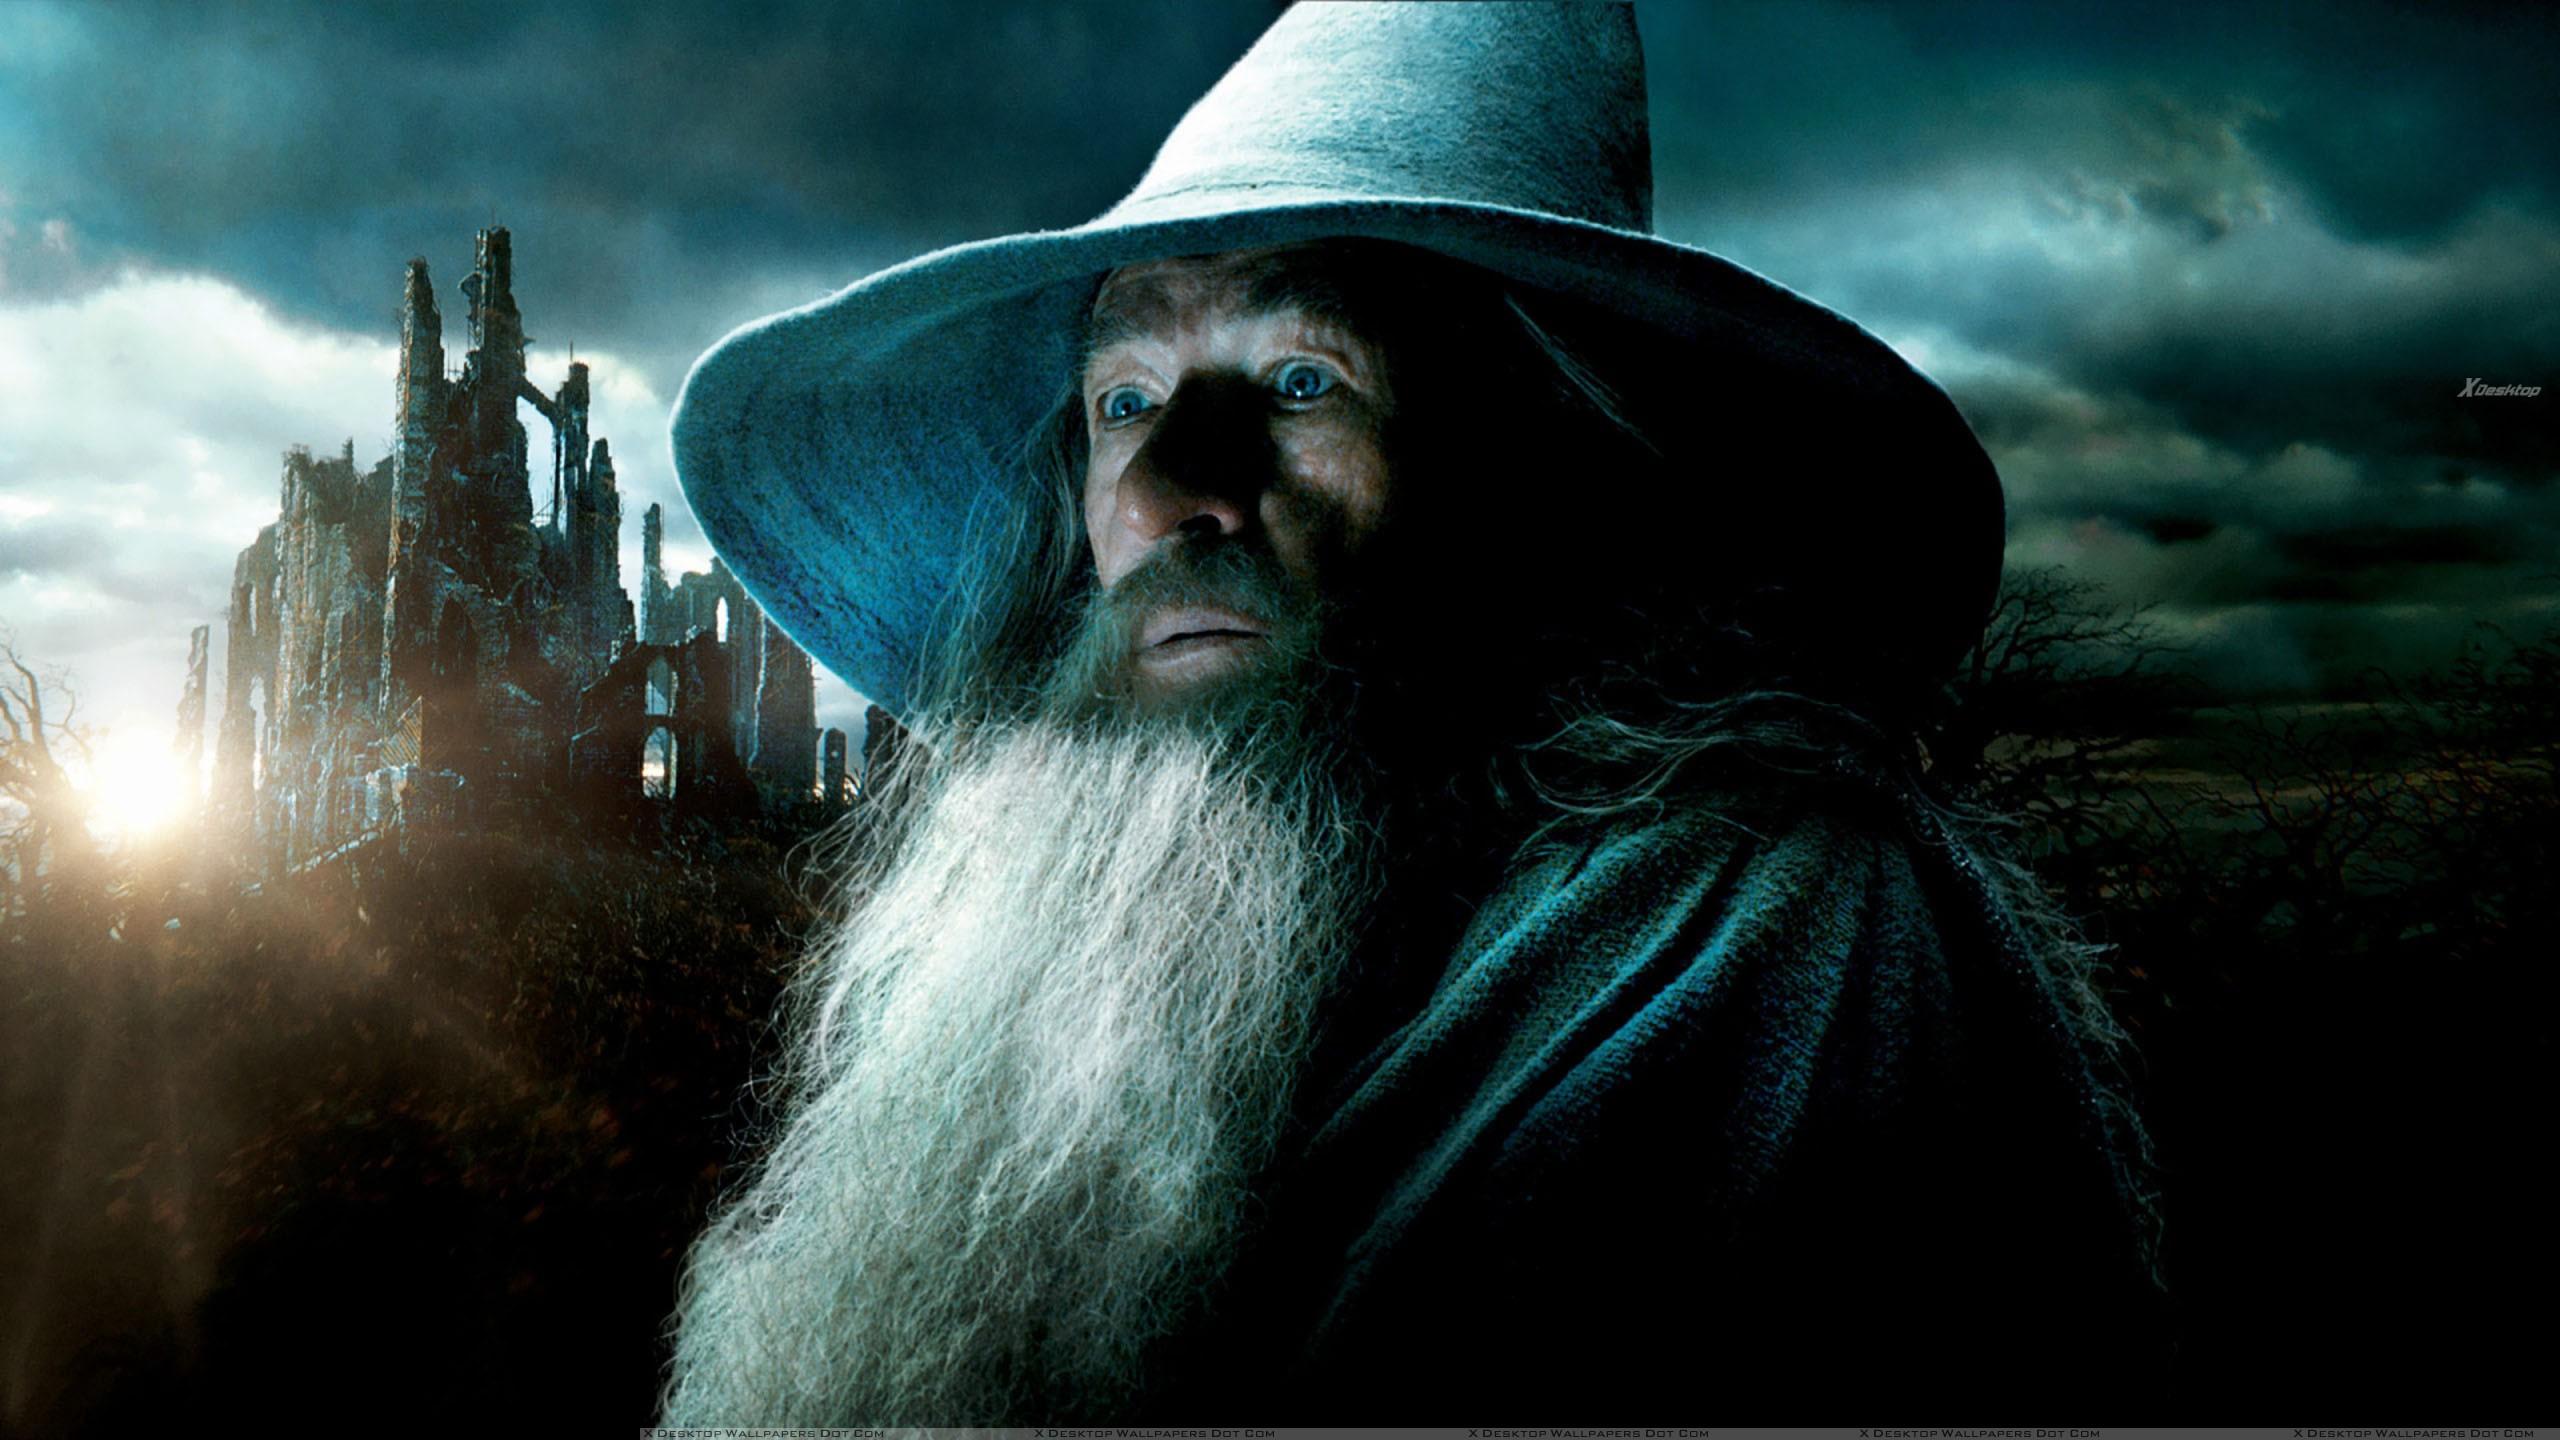 Ian McKellen With Long Beard In The Hobbit The Desolation Of 2560x1440